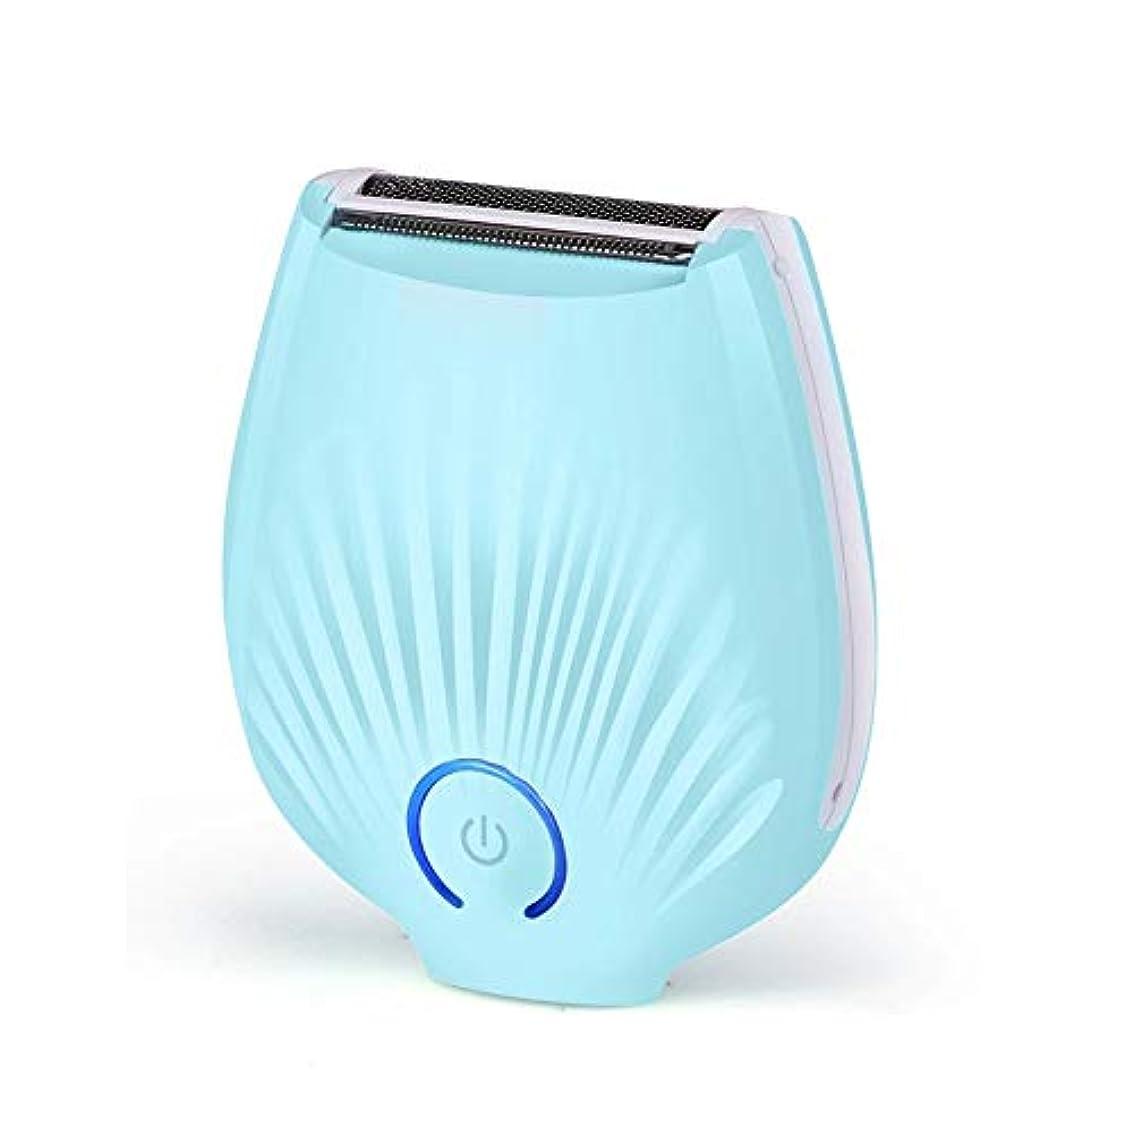 マーカーフィード読みやすいレディーヘアリムーバー、USB防水電気シェーバー、女性のシェービング脚のヘアナイフ  脇の下専用パーツシェーバー(ピンク、ブルー),Blue